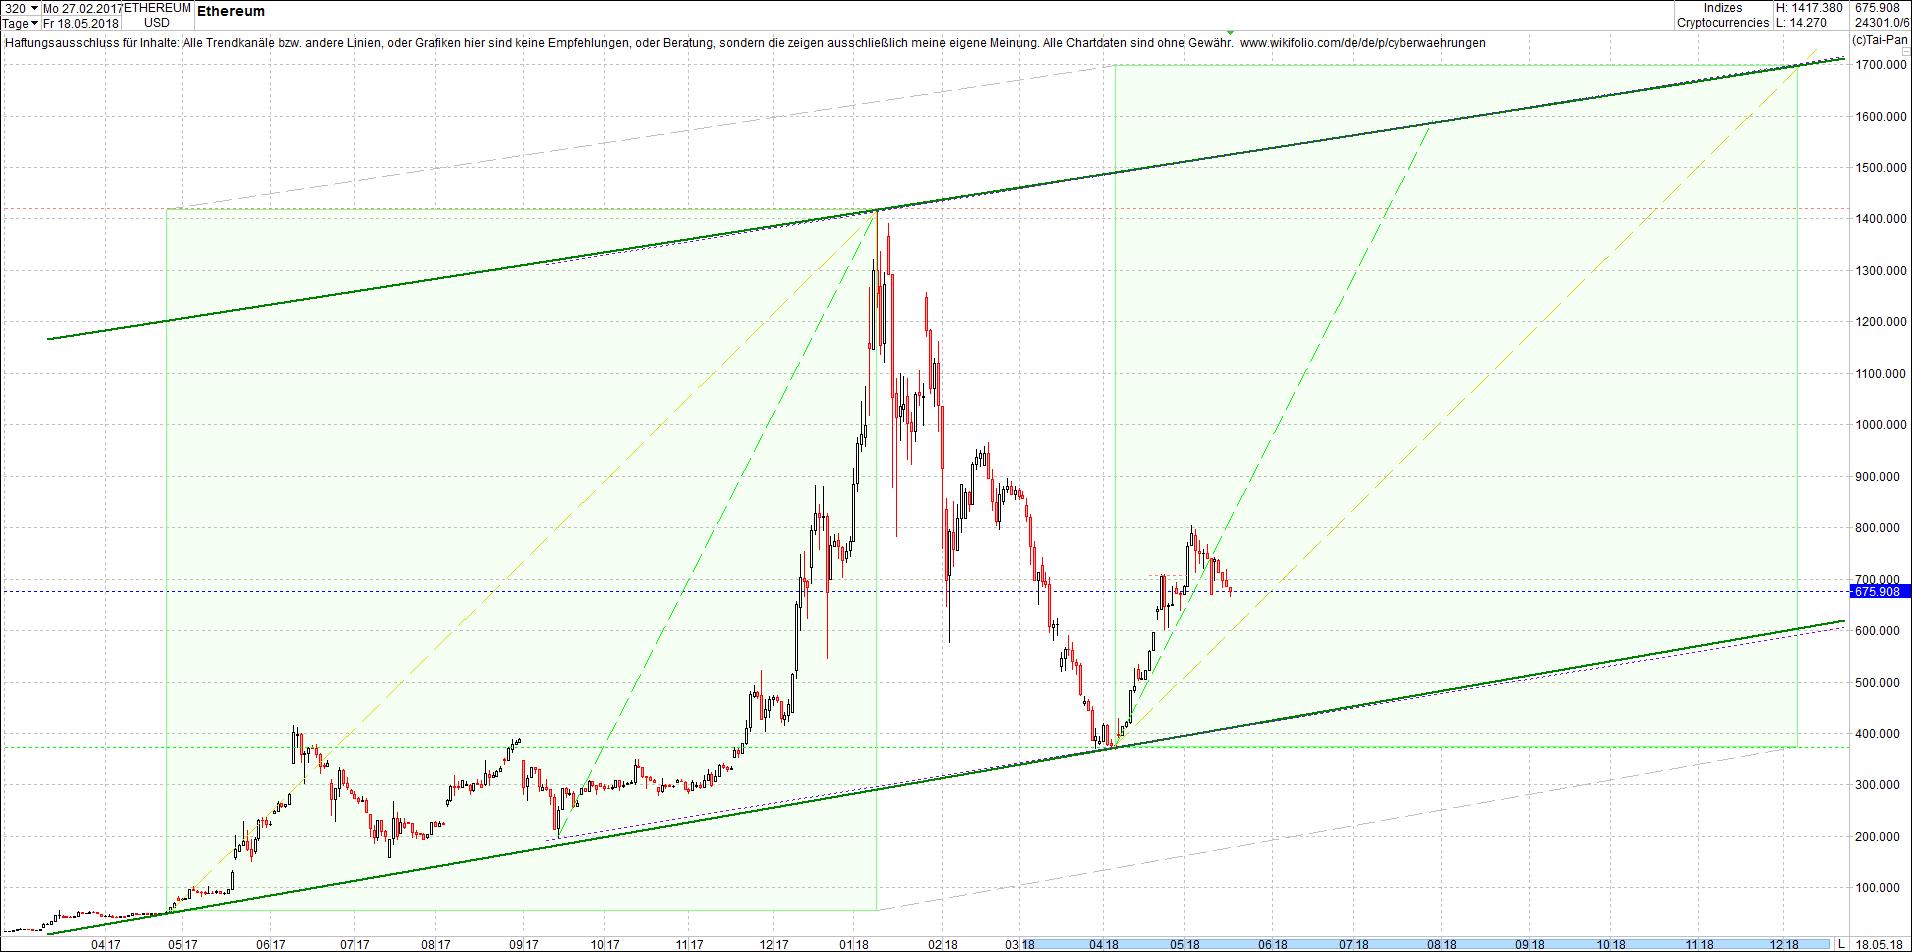 ethereum_chart_von_heute_morgen7.png